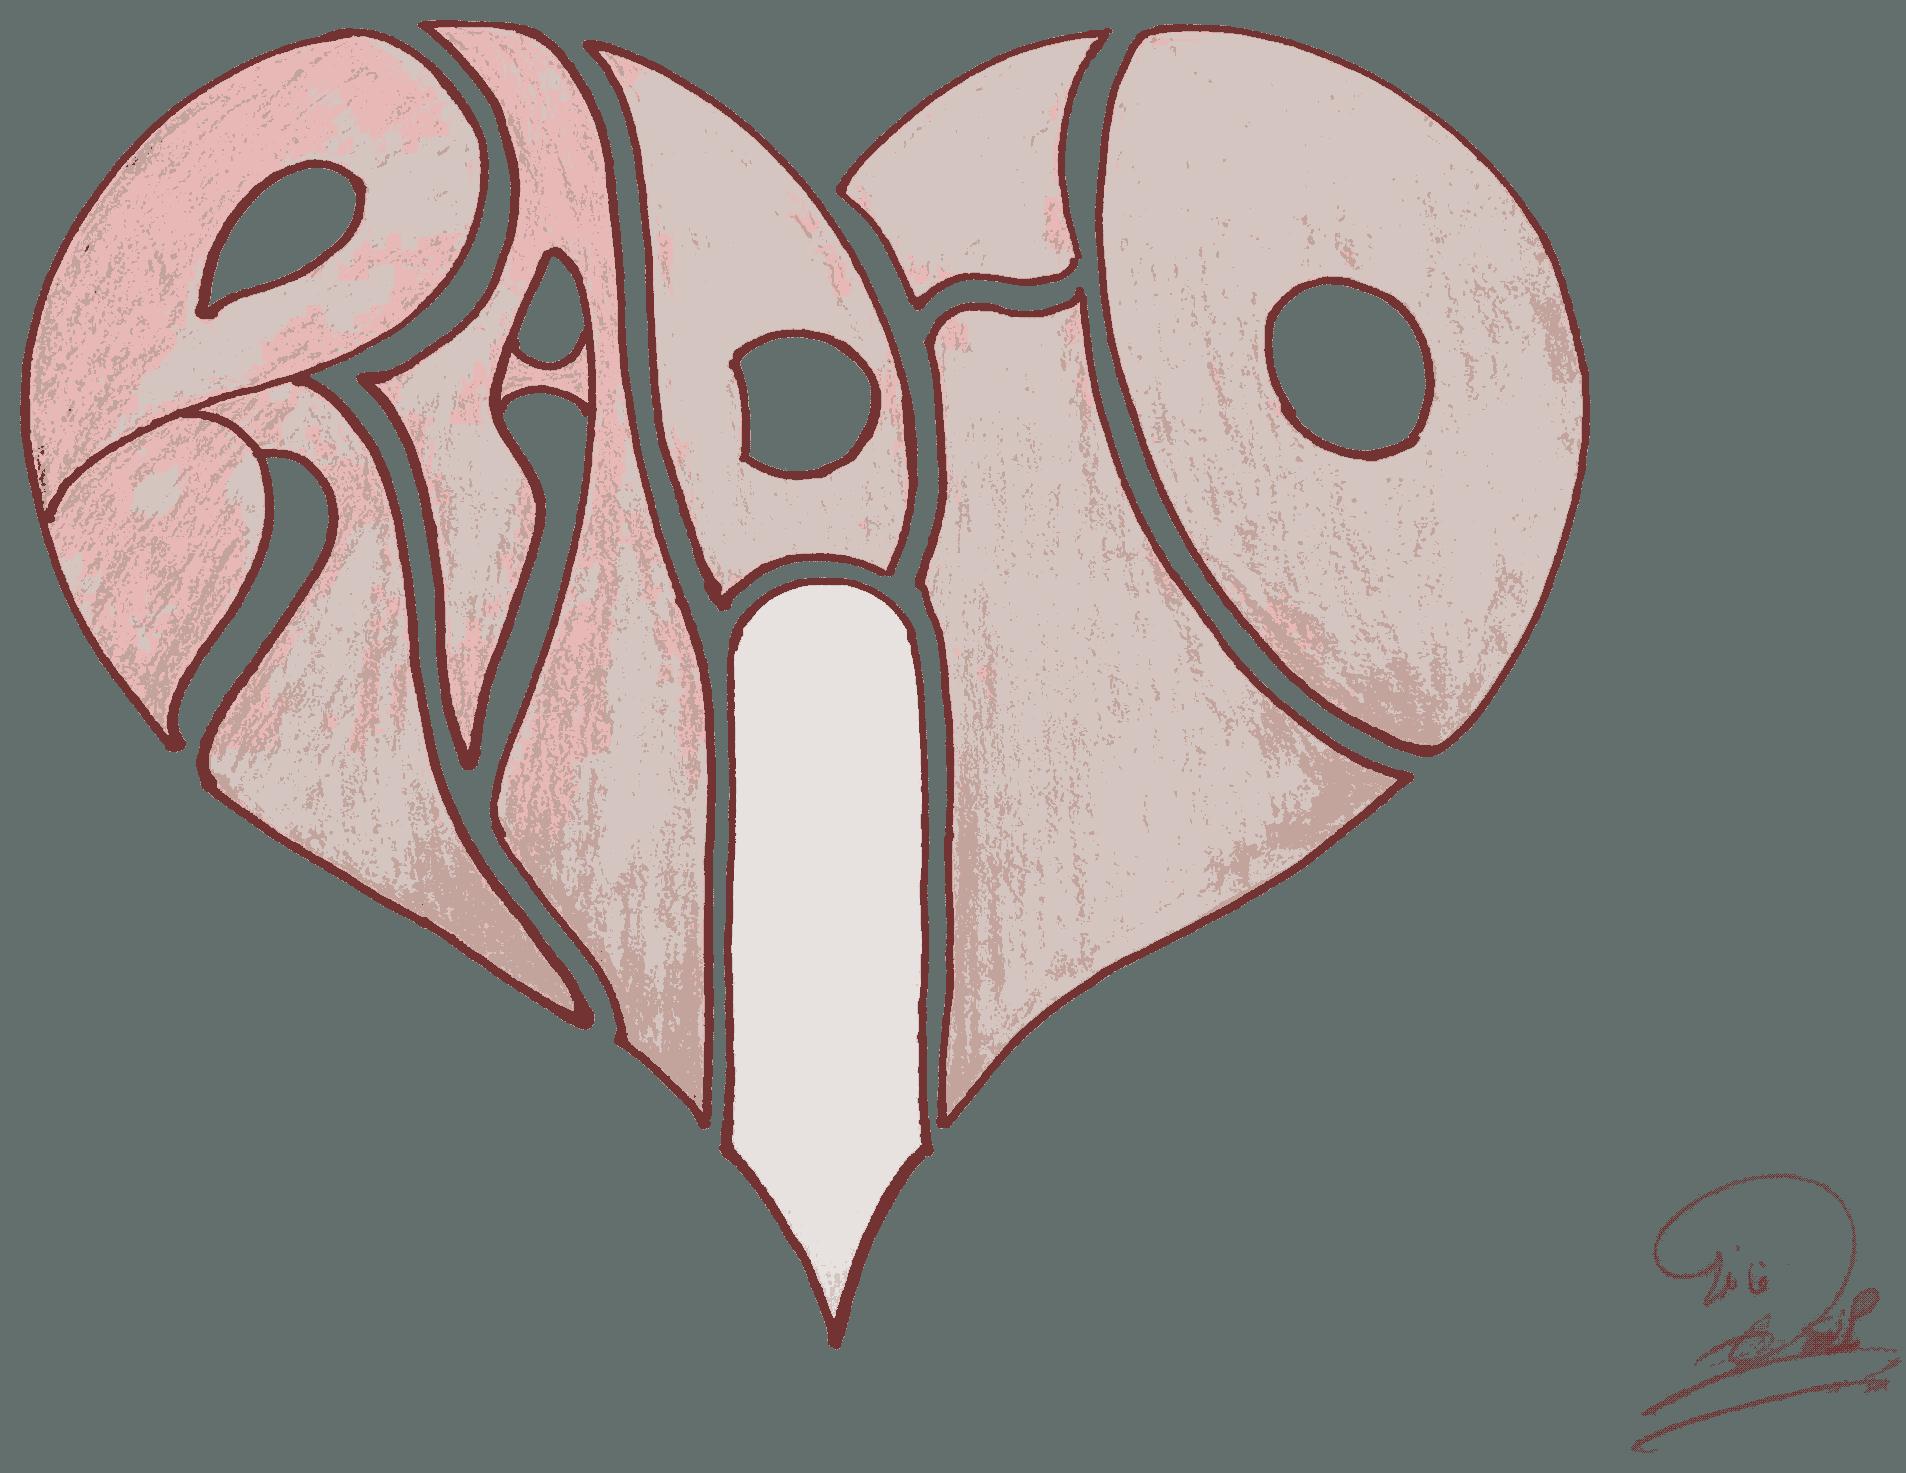 I Radio Heart